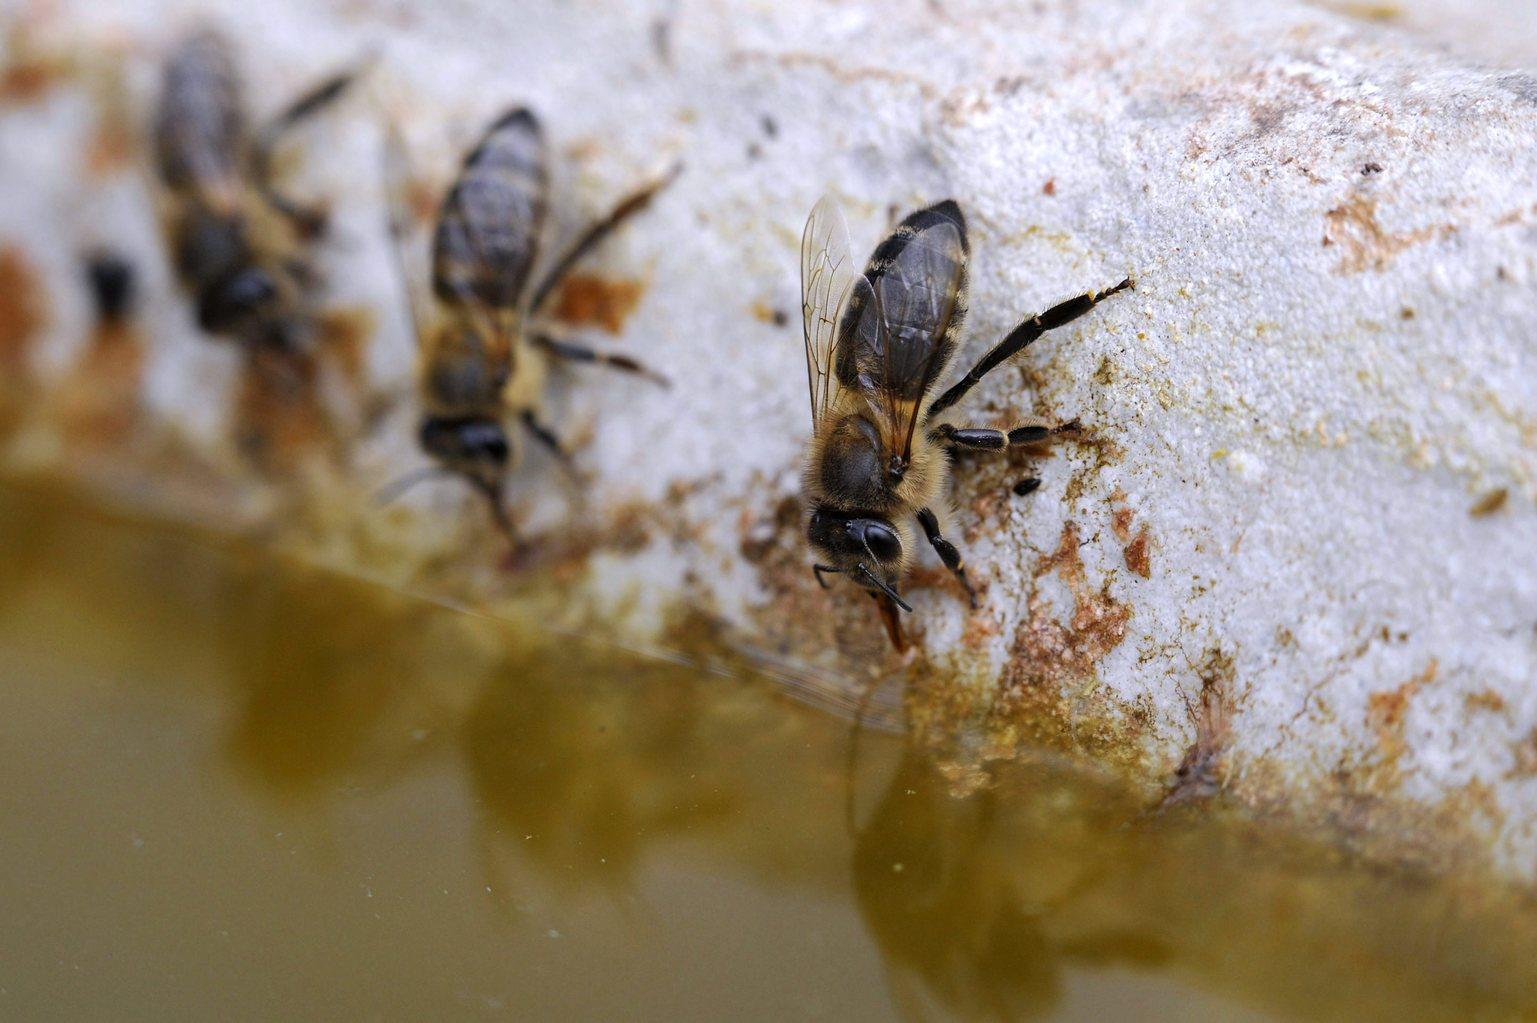 Háziméhek (Apis mellifera) isznak a Pacsmagi Halastavak Természetvédelmi Területen 2016. március 30-án (MTI-fotó: Kovács Attila)